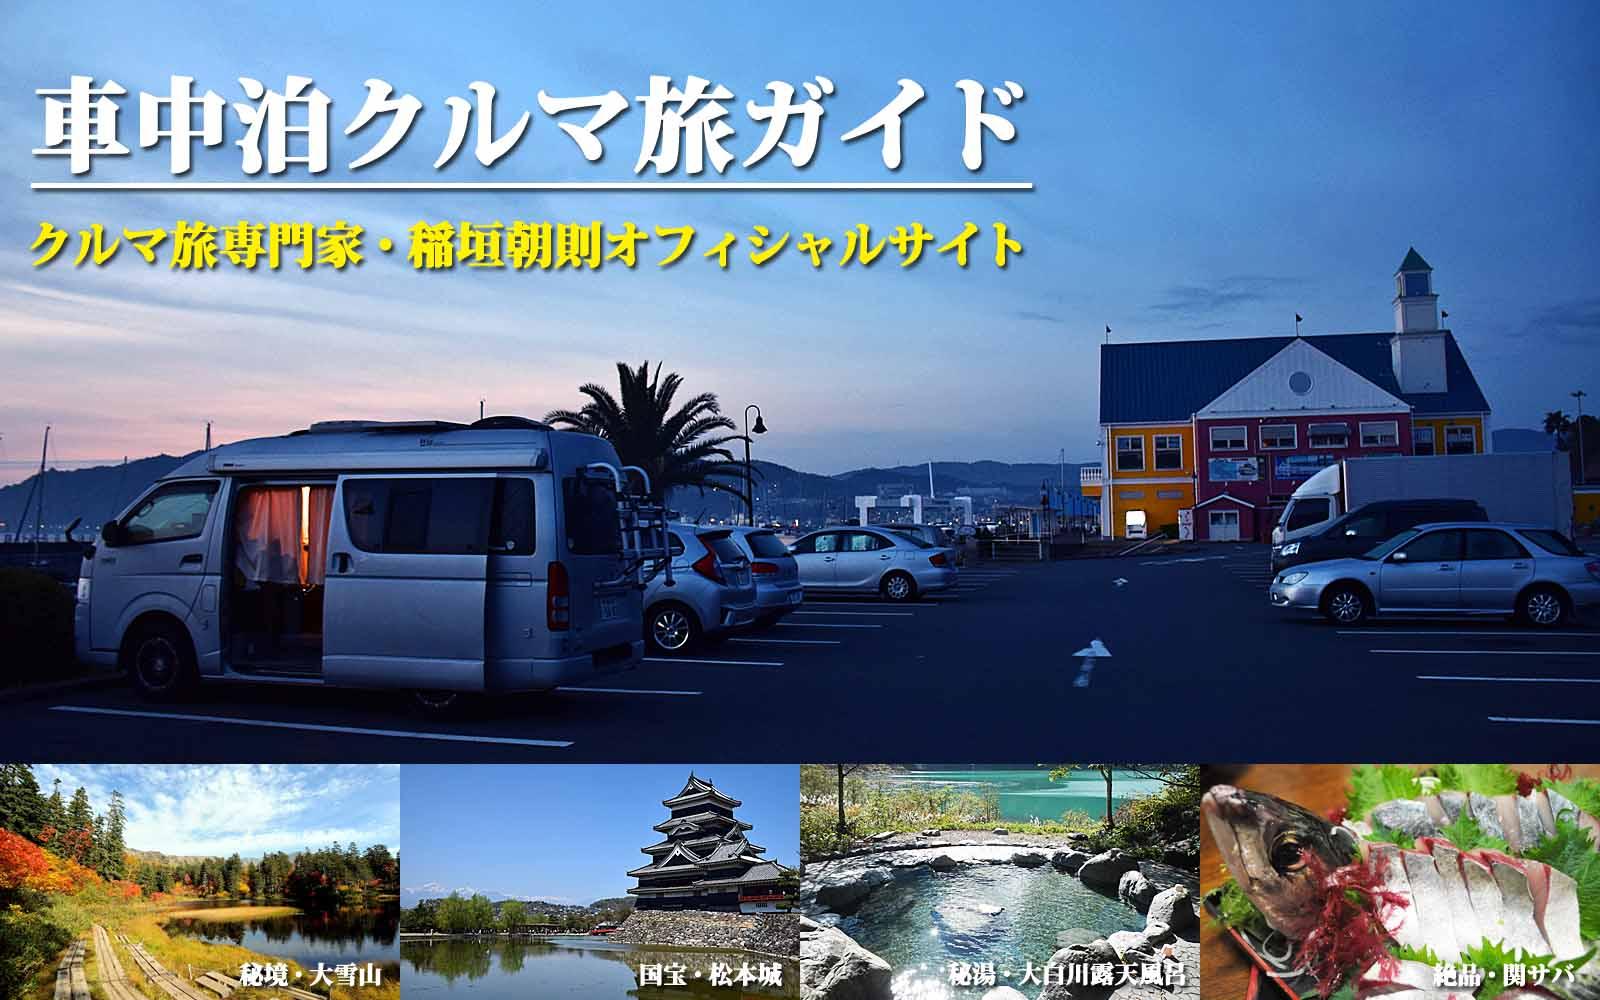 車中泊の総本山! 日本全国・車中泊&クルマ旅ガイド